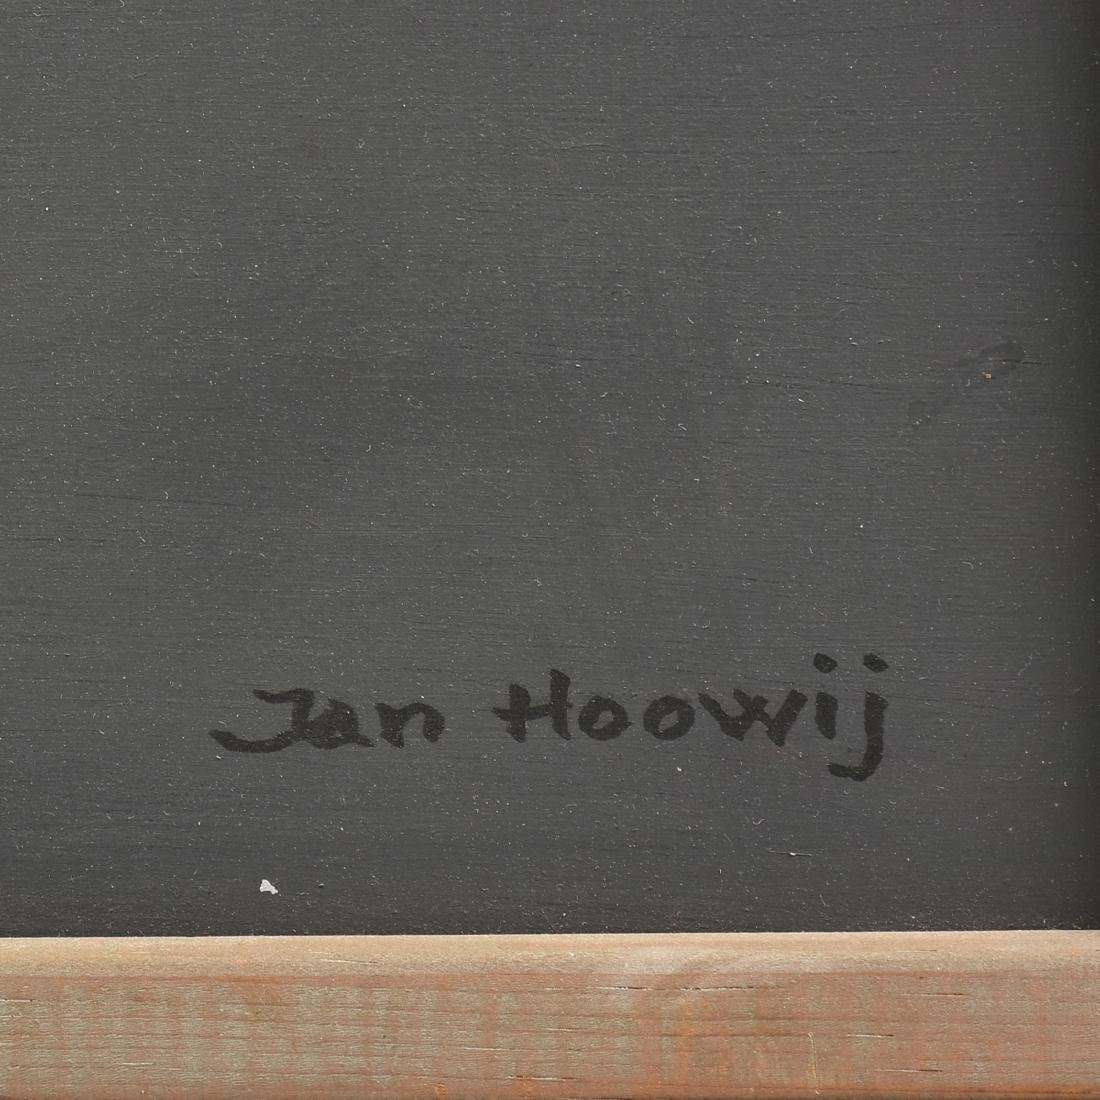 """JAN HOOWIJ (American 1907-1987) A PAINTING, """"Doors of - 3"""